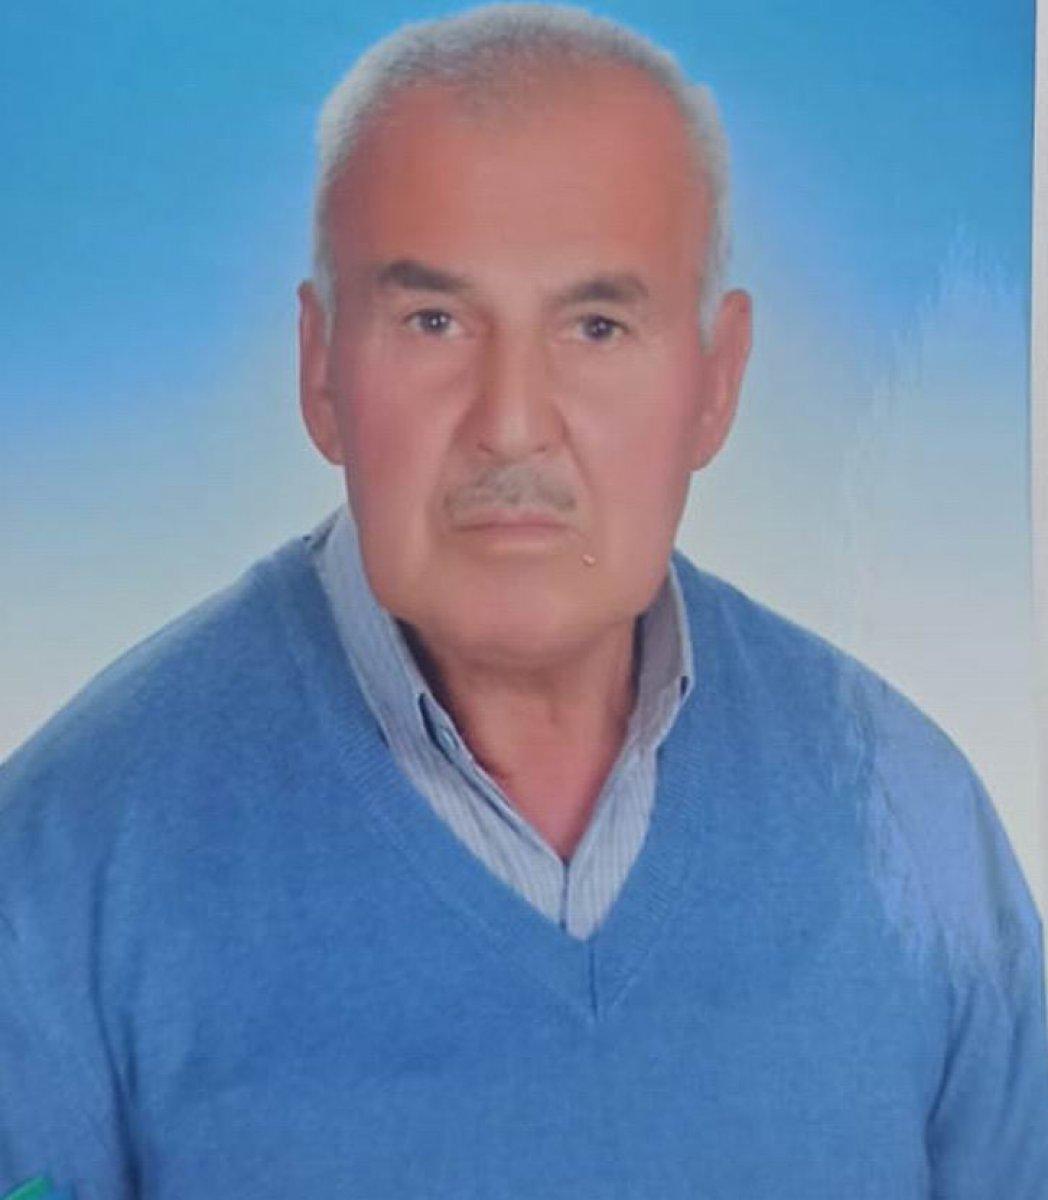 Kilis te yalnız yaşayan yaşlı adam ölü bulundu #1